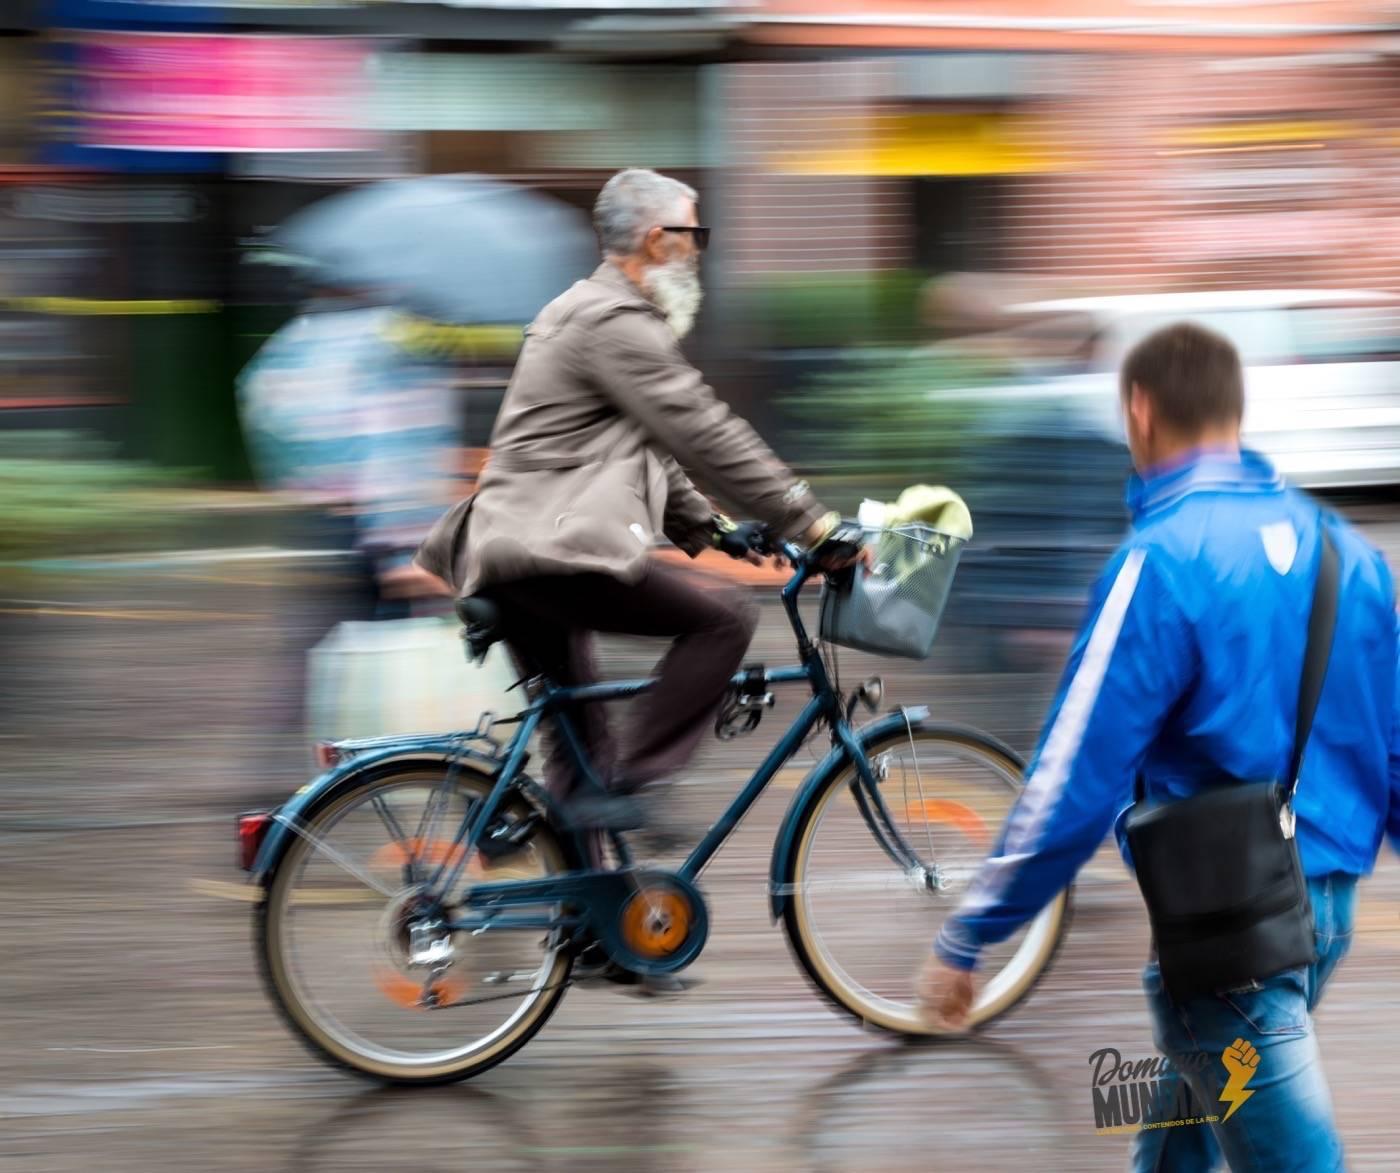 ciclistas-urbanos-y-peatones-en-la-ciudad